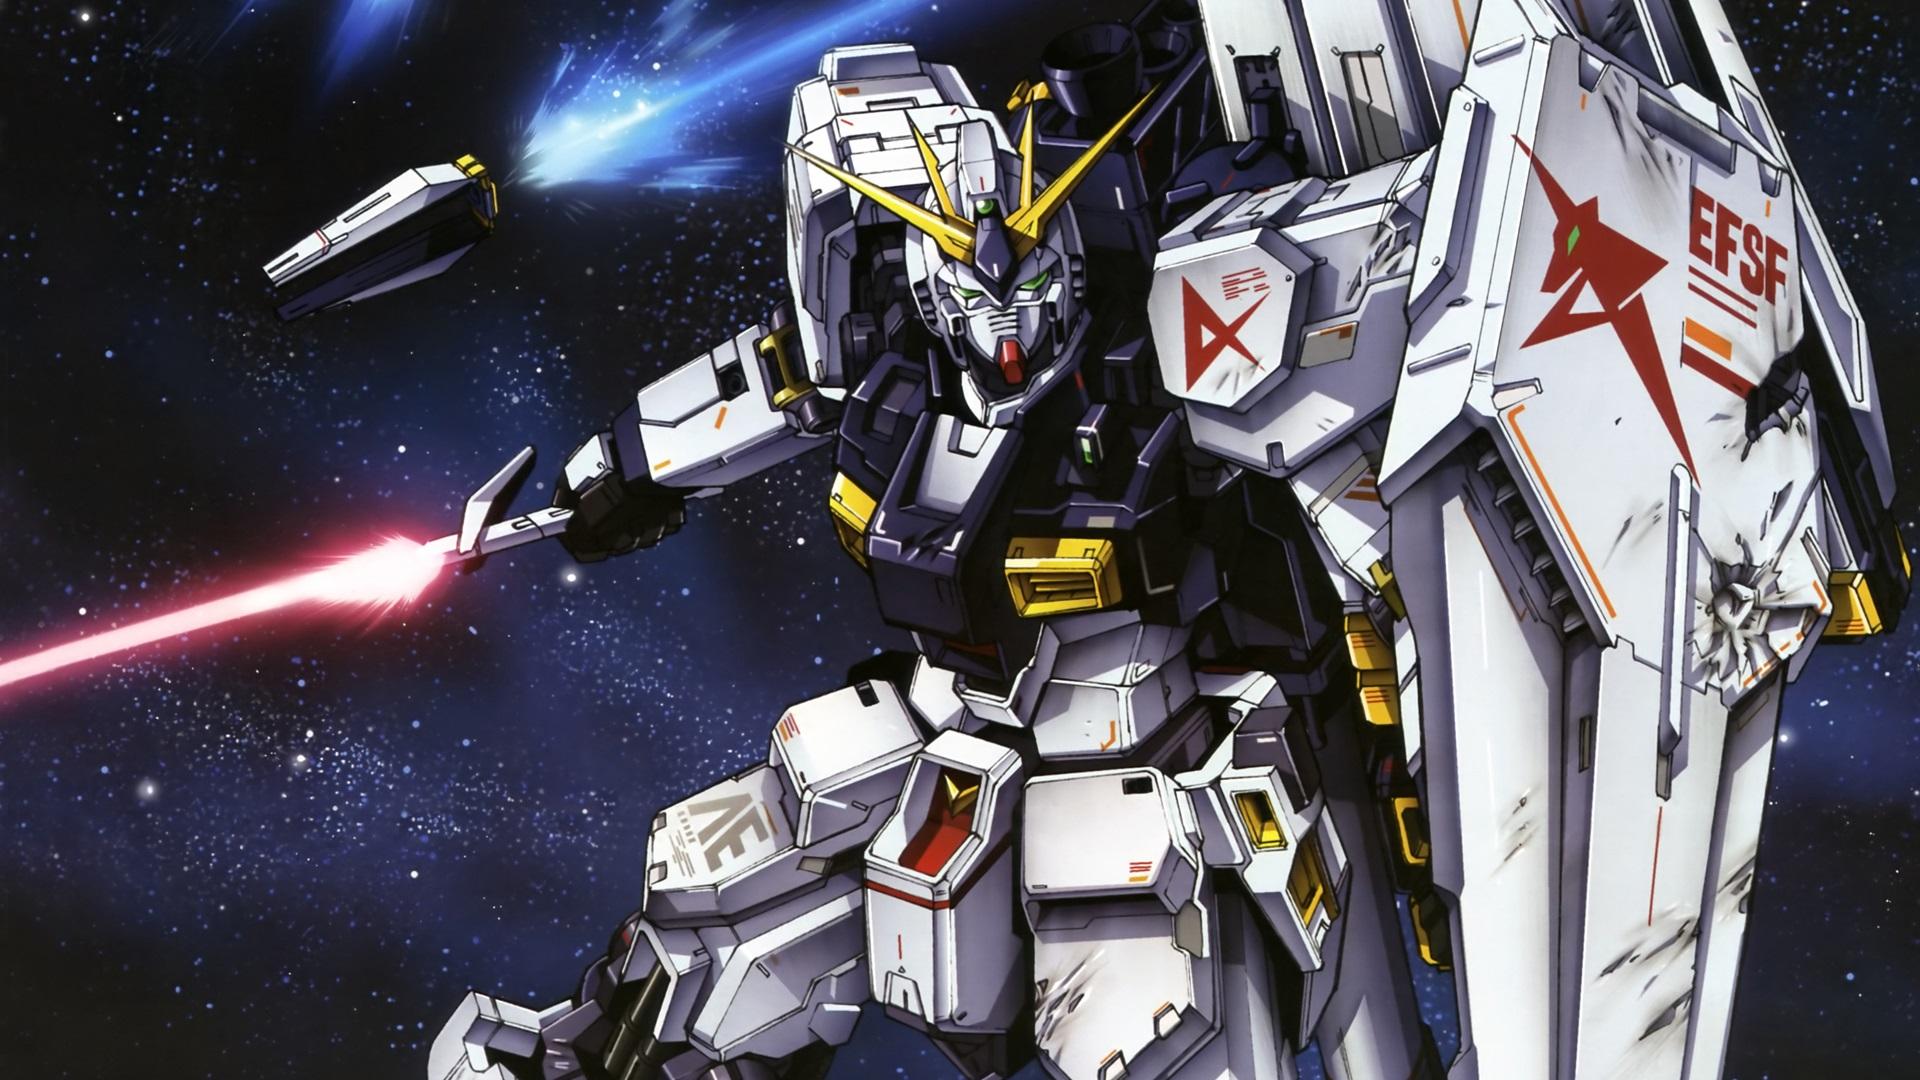 Wallpaper Mobile Suit Gundam Japanese Anime 1920x1080 Full